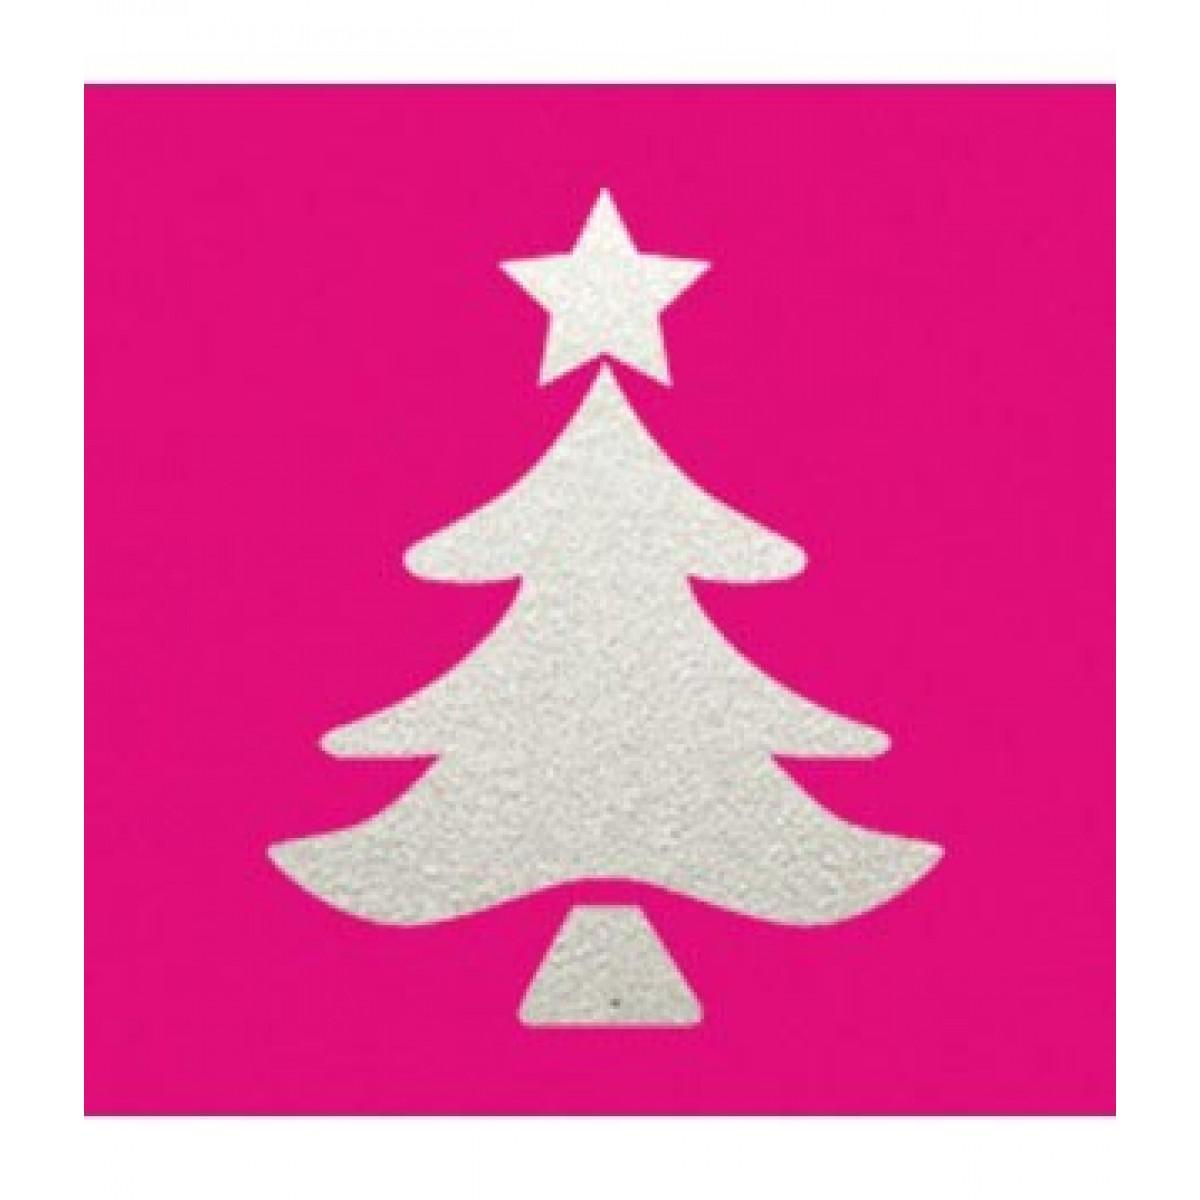 Efco Φιγουροκόπτης Χριστουγεννιάτικο Δέντρο (3 Μεγ.) Υλικά Χειροτεχνίας